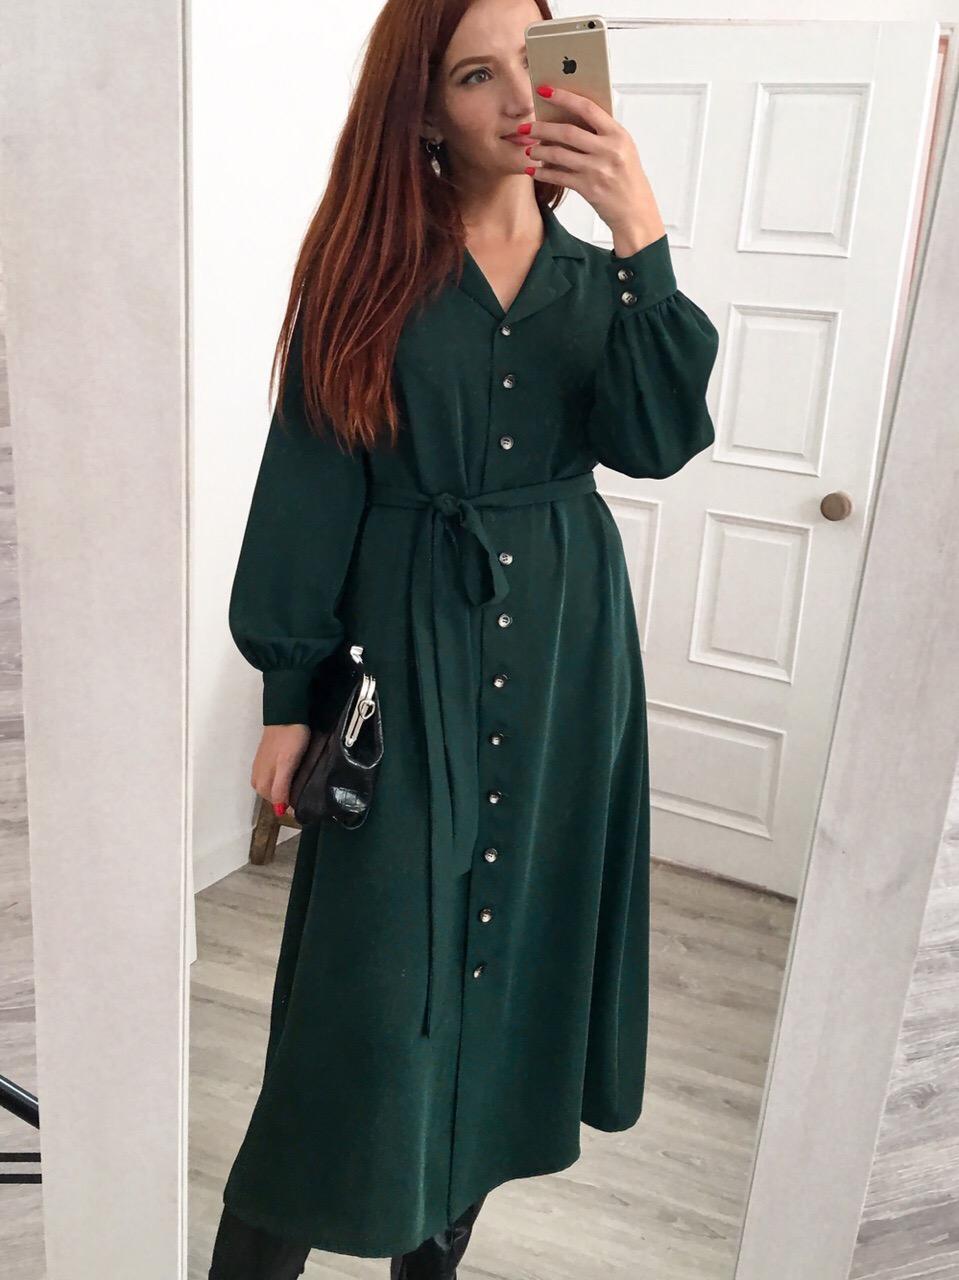 Струящееся платье с английским воротником - стильное прочтение традиционного платья-рубашки  Элегантно и лаконично, на каждый день!